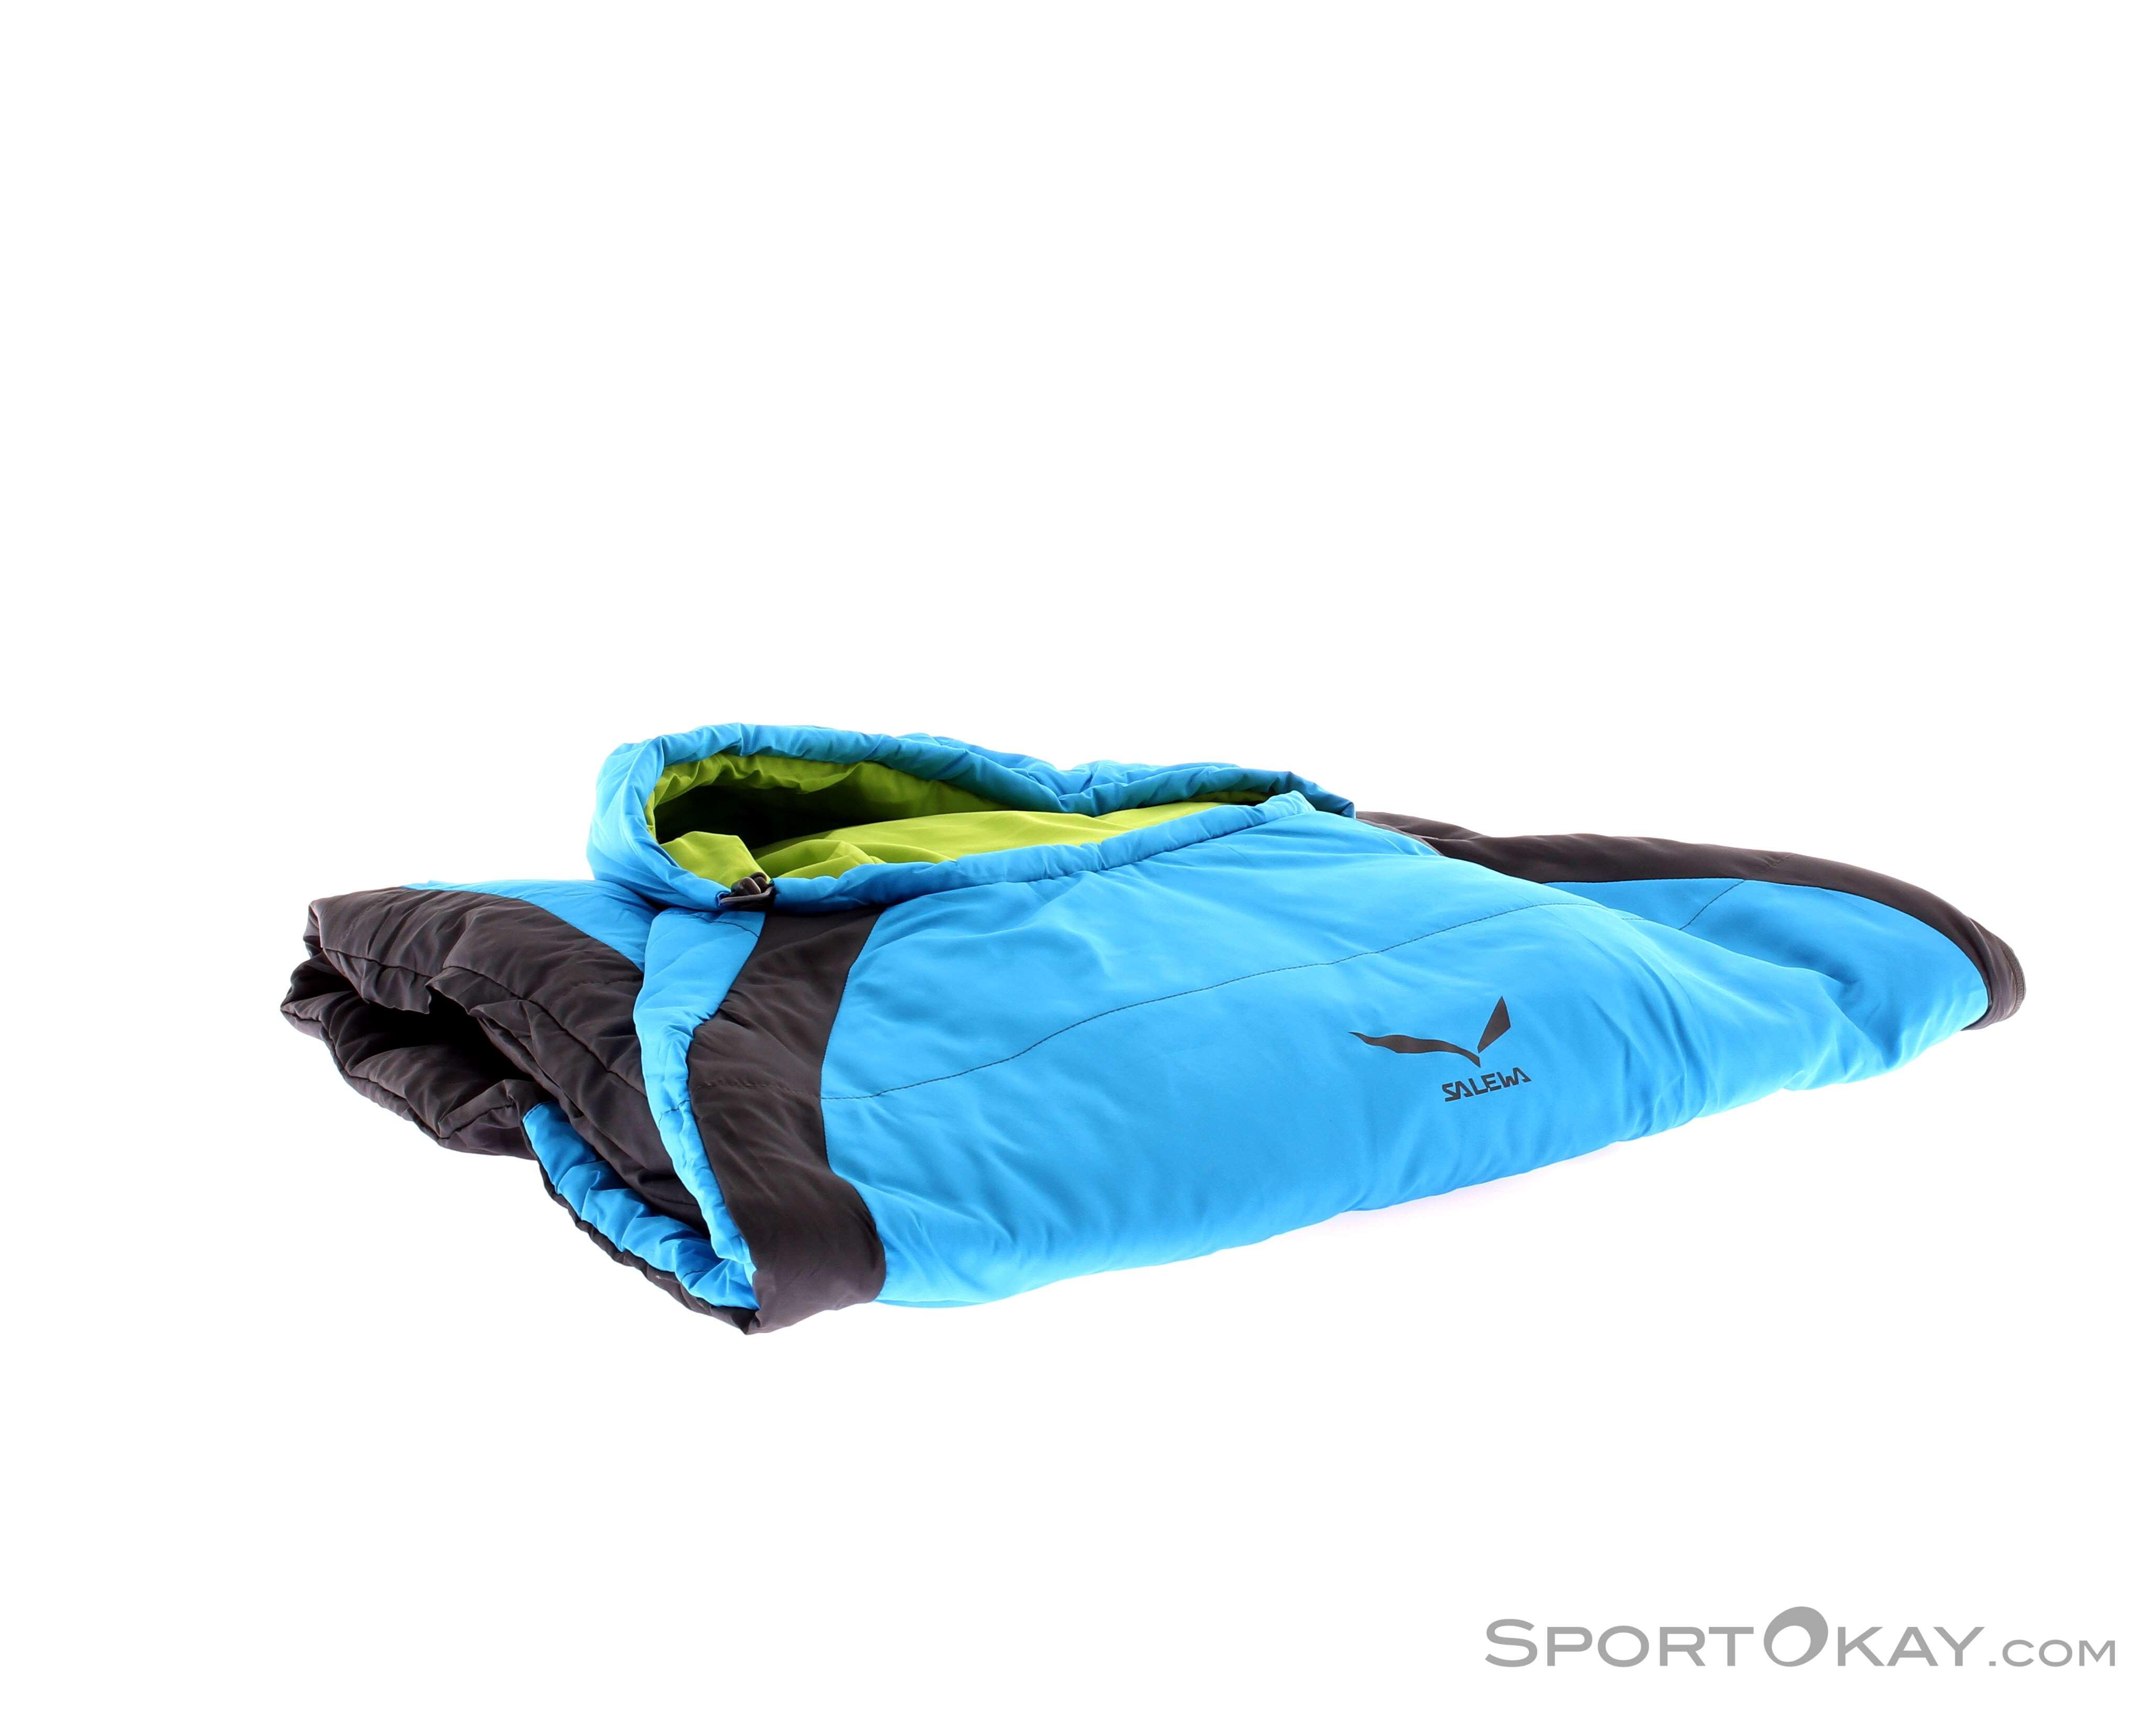 Salewa Klettergurt Tour Duo : Salewa micro 800 schlafsack schlafsäcke camping outdoor alle